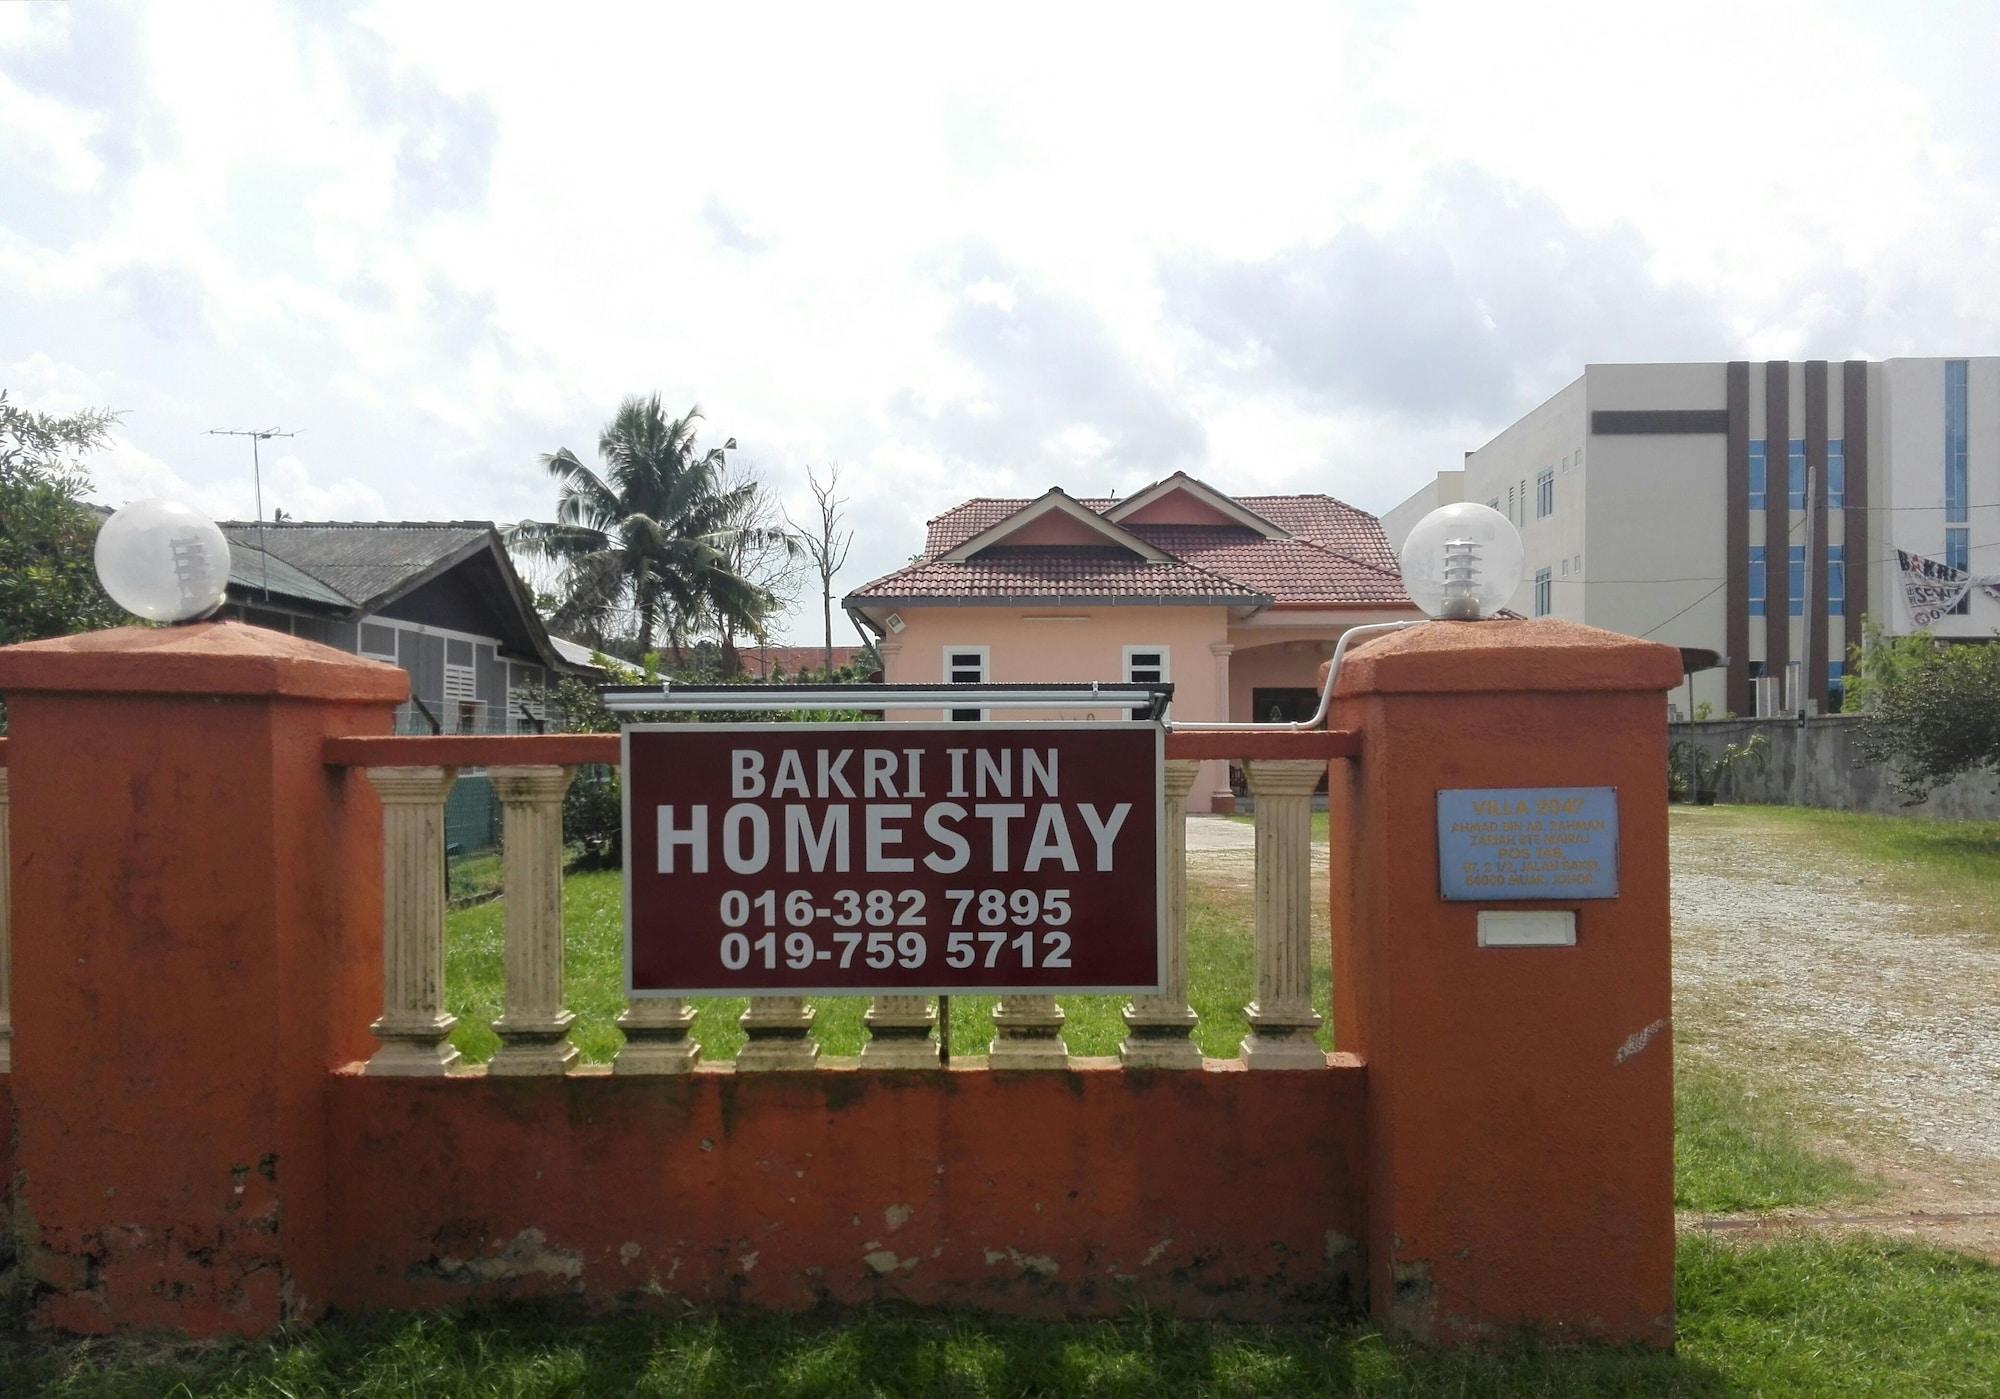 Bakri Inn Homestay, Muar